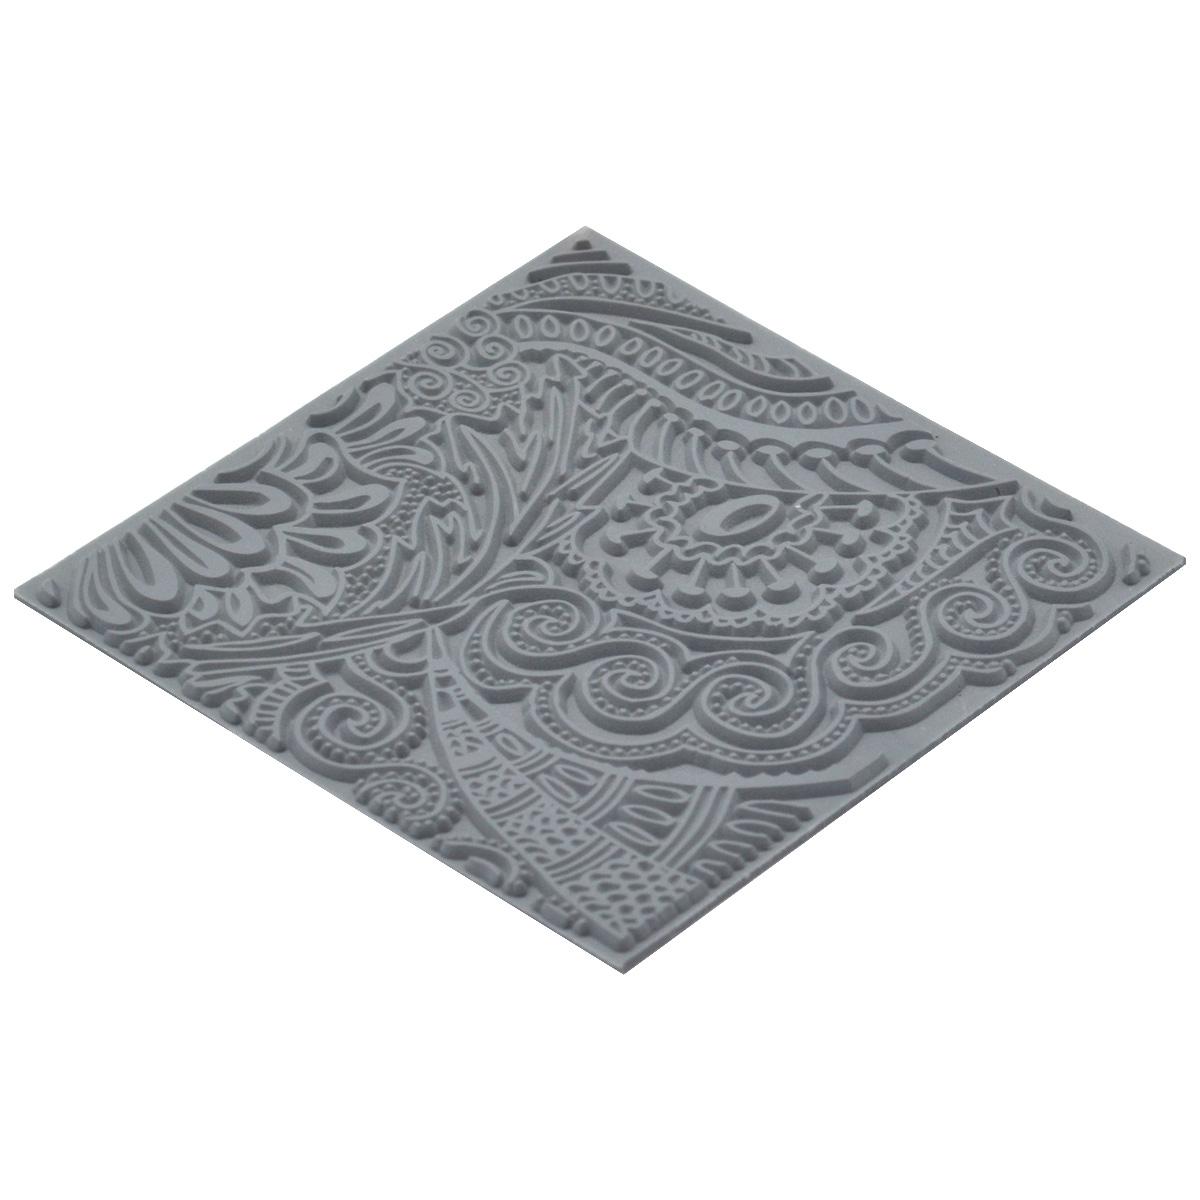 CE95002 Текстура для пластики резиновая 'Моменты', 9х9 см. Cernit